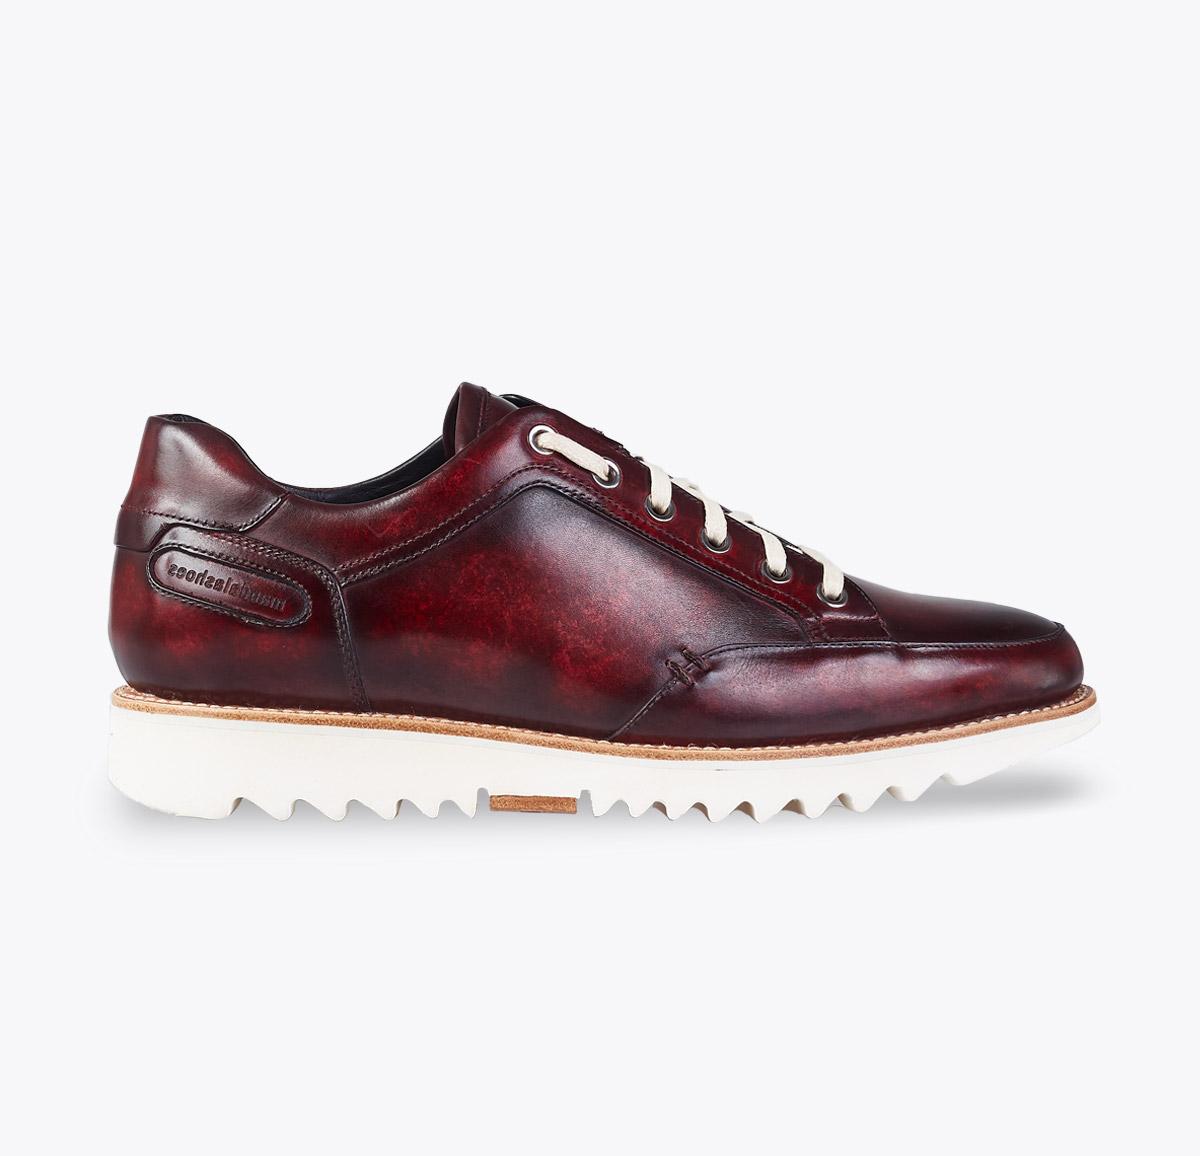 e025c0911 Mandalashoes.com - Tu calzado hecho a medida